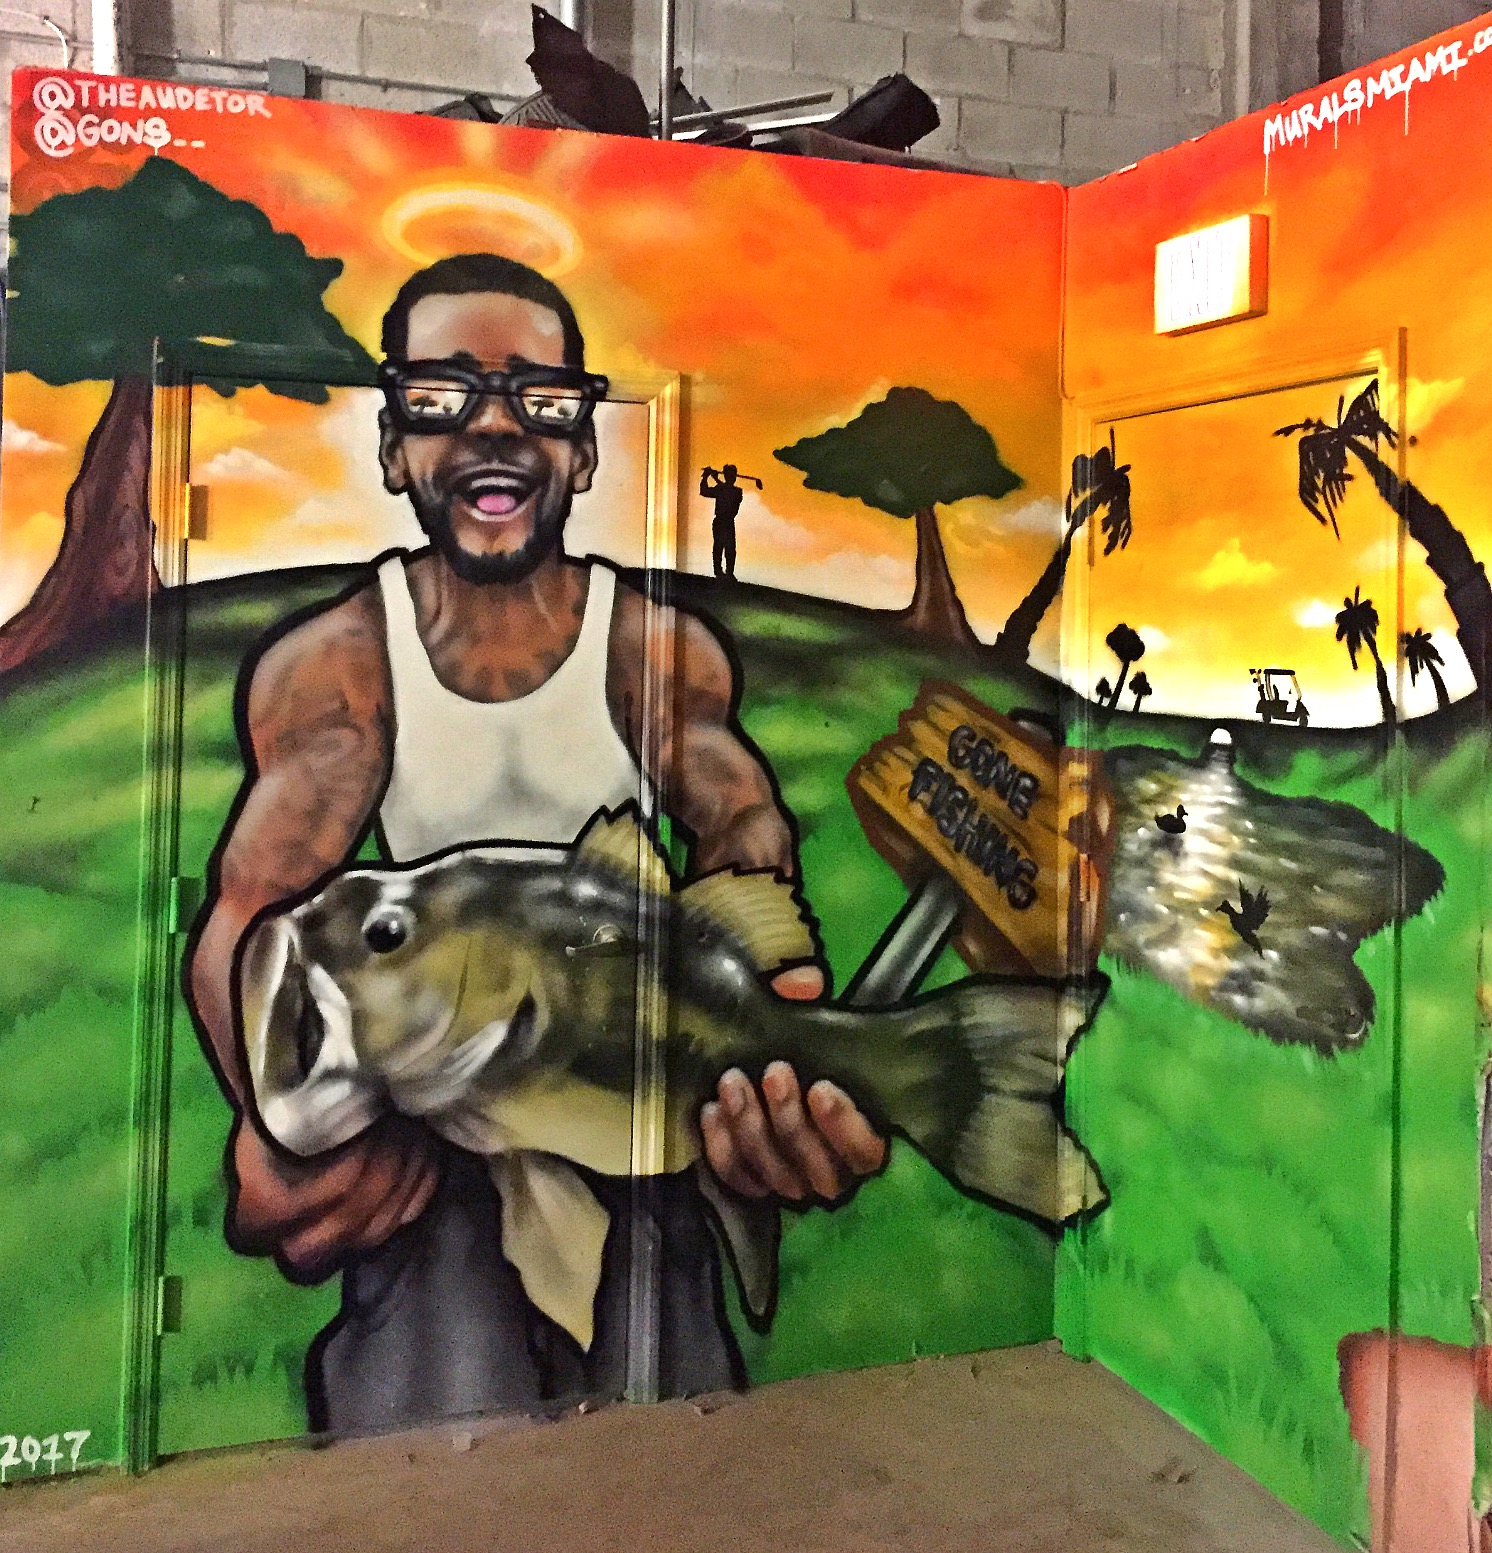 Fishing memorial mural Kendall, Fl